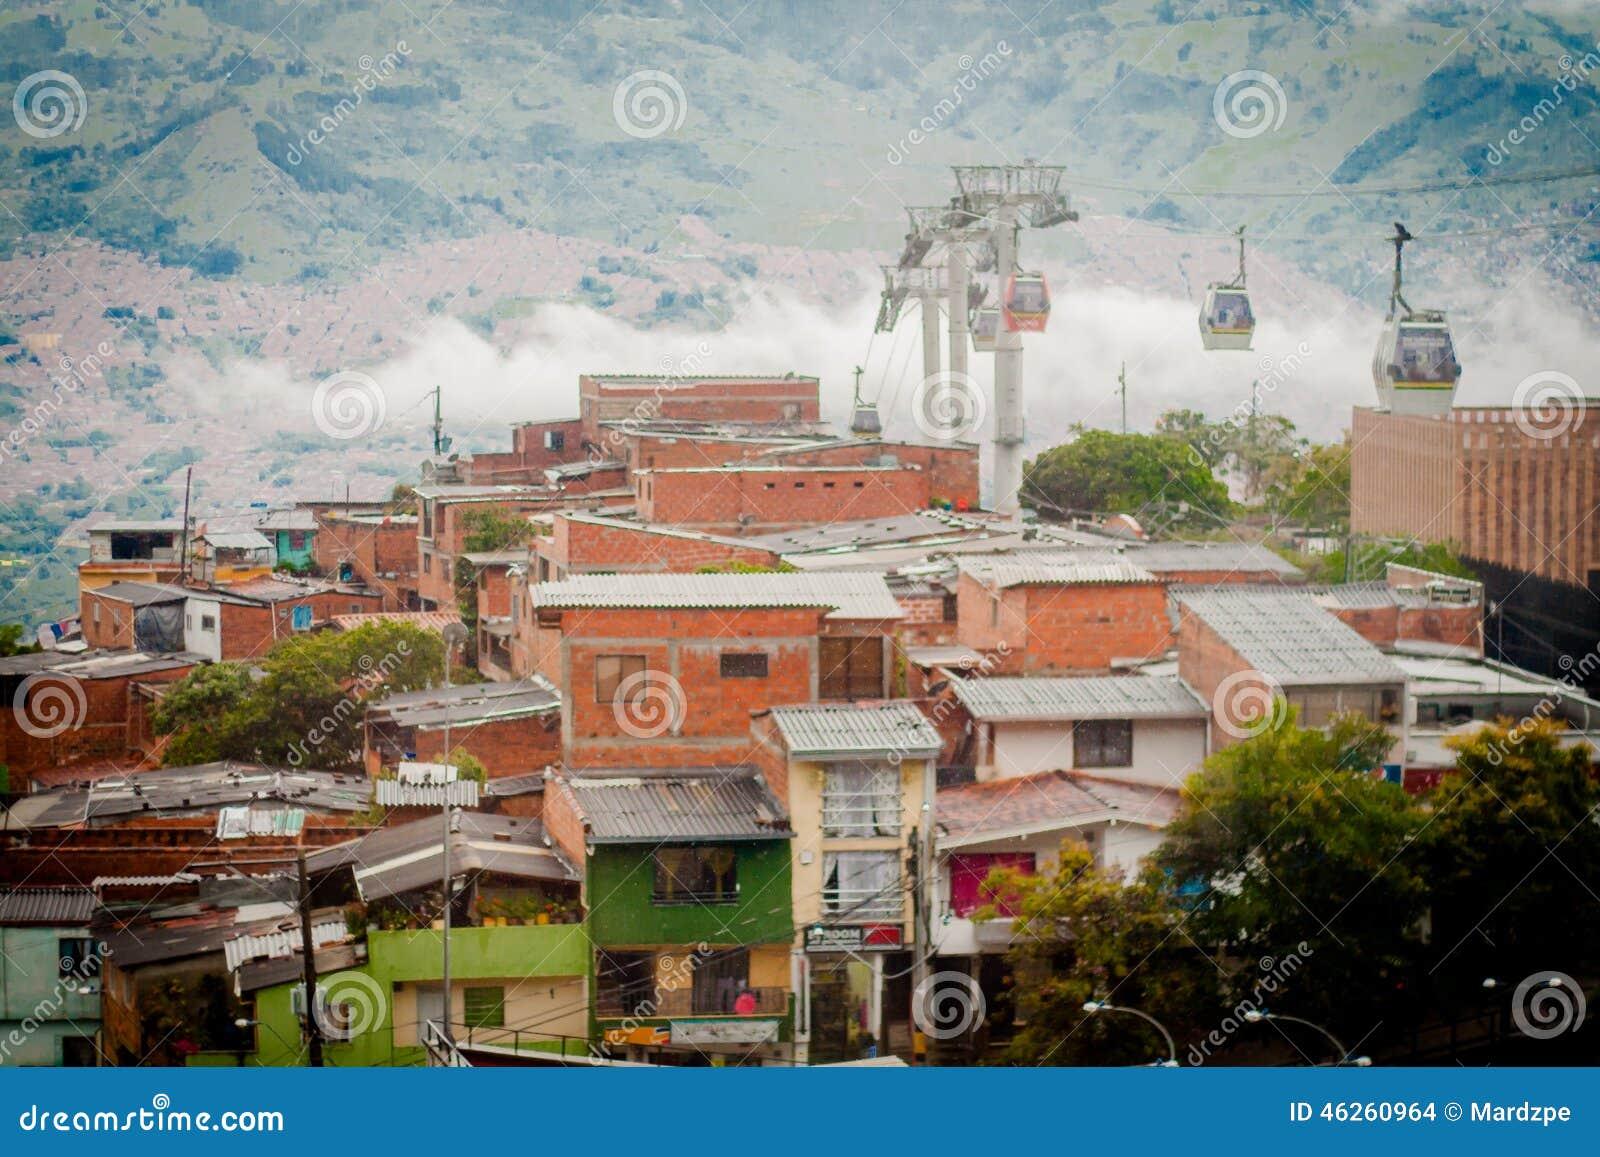 Paysage de ville de ropeway de gondole funiculaire de for Paysage de ville